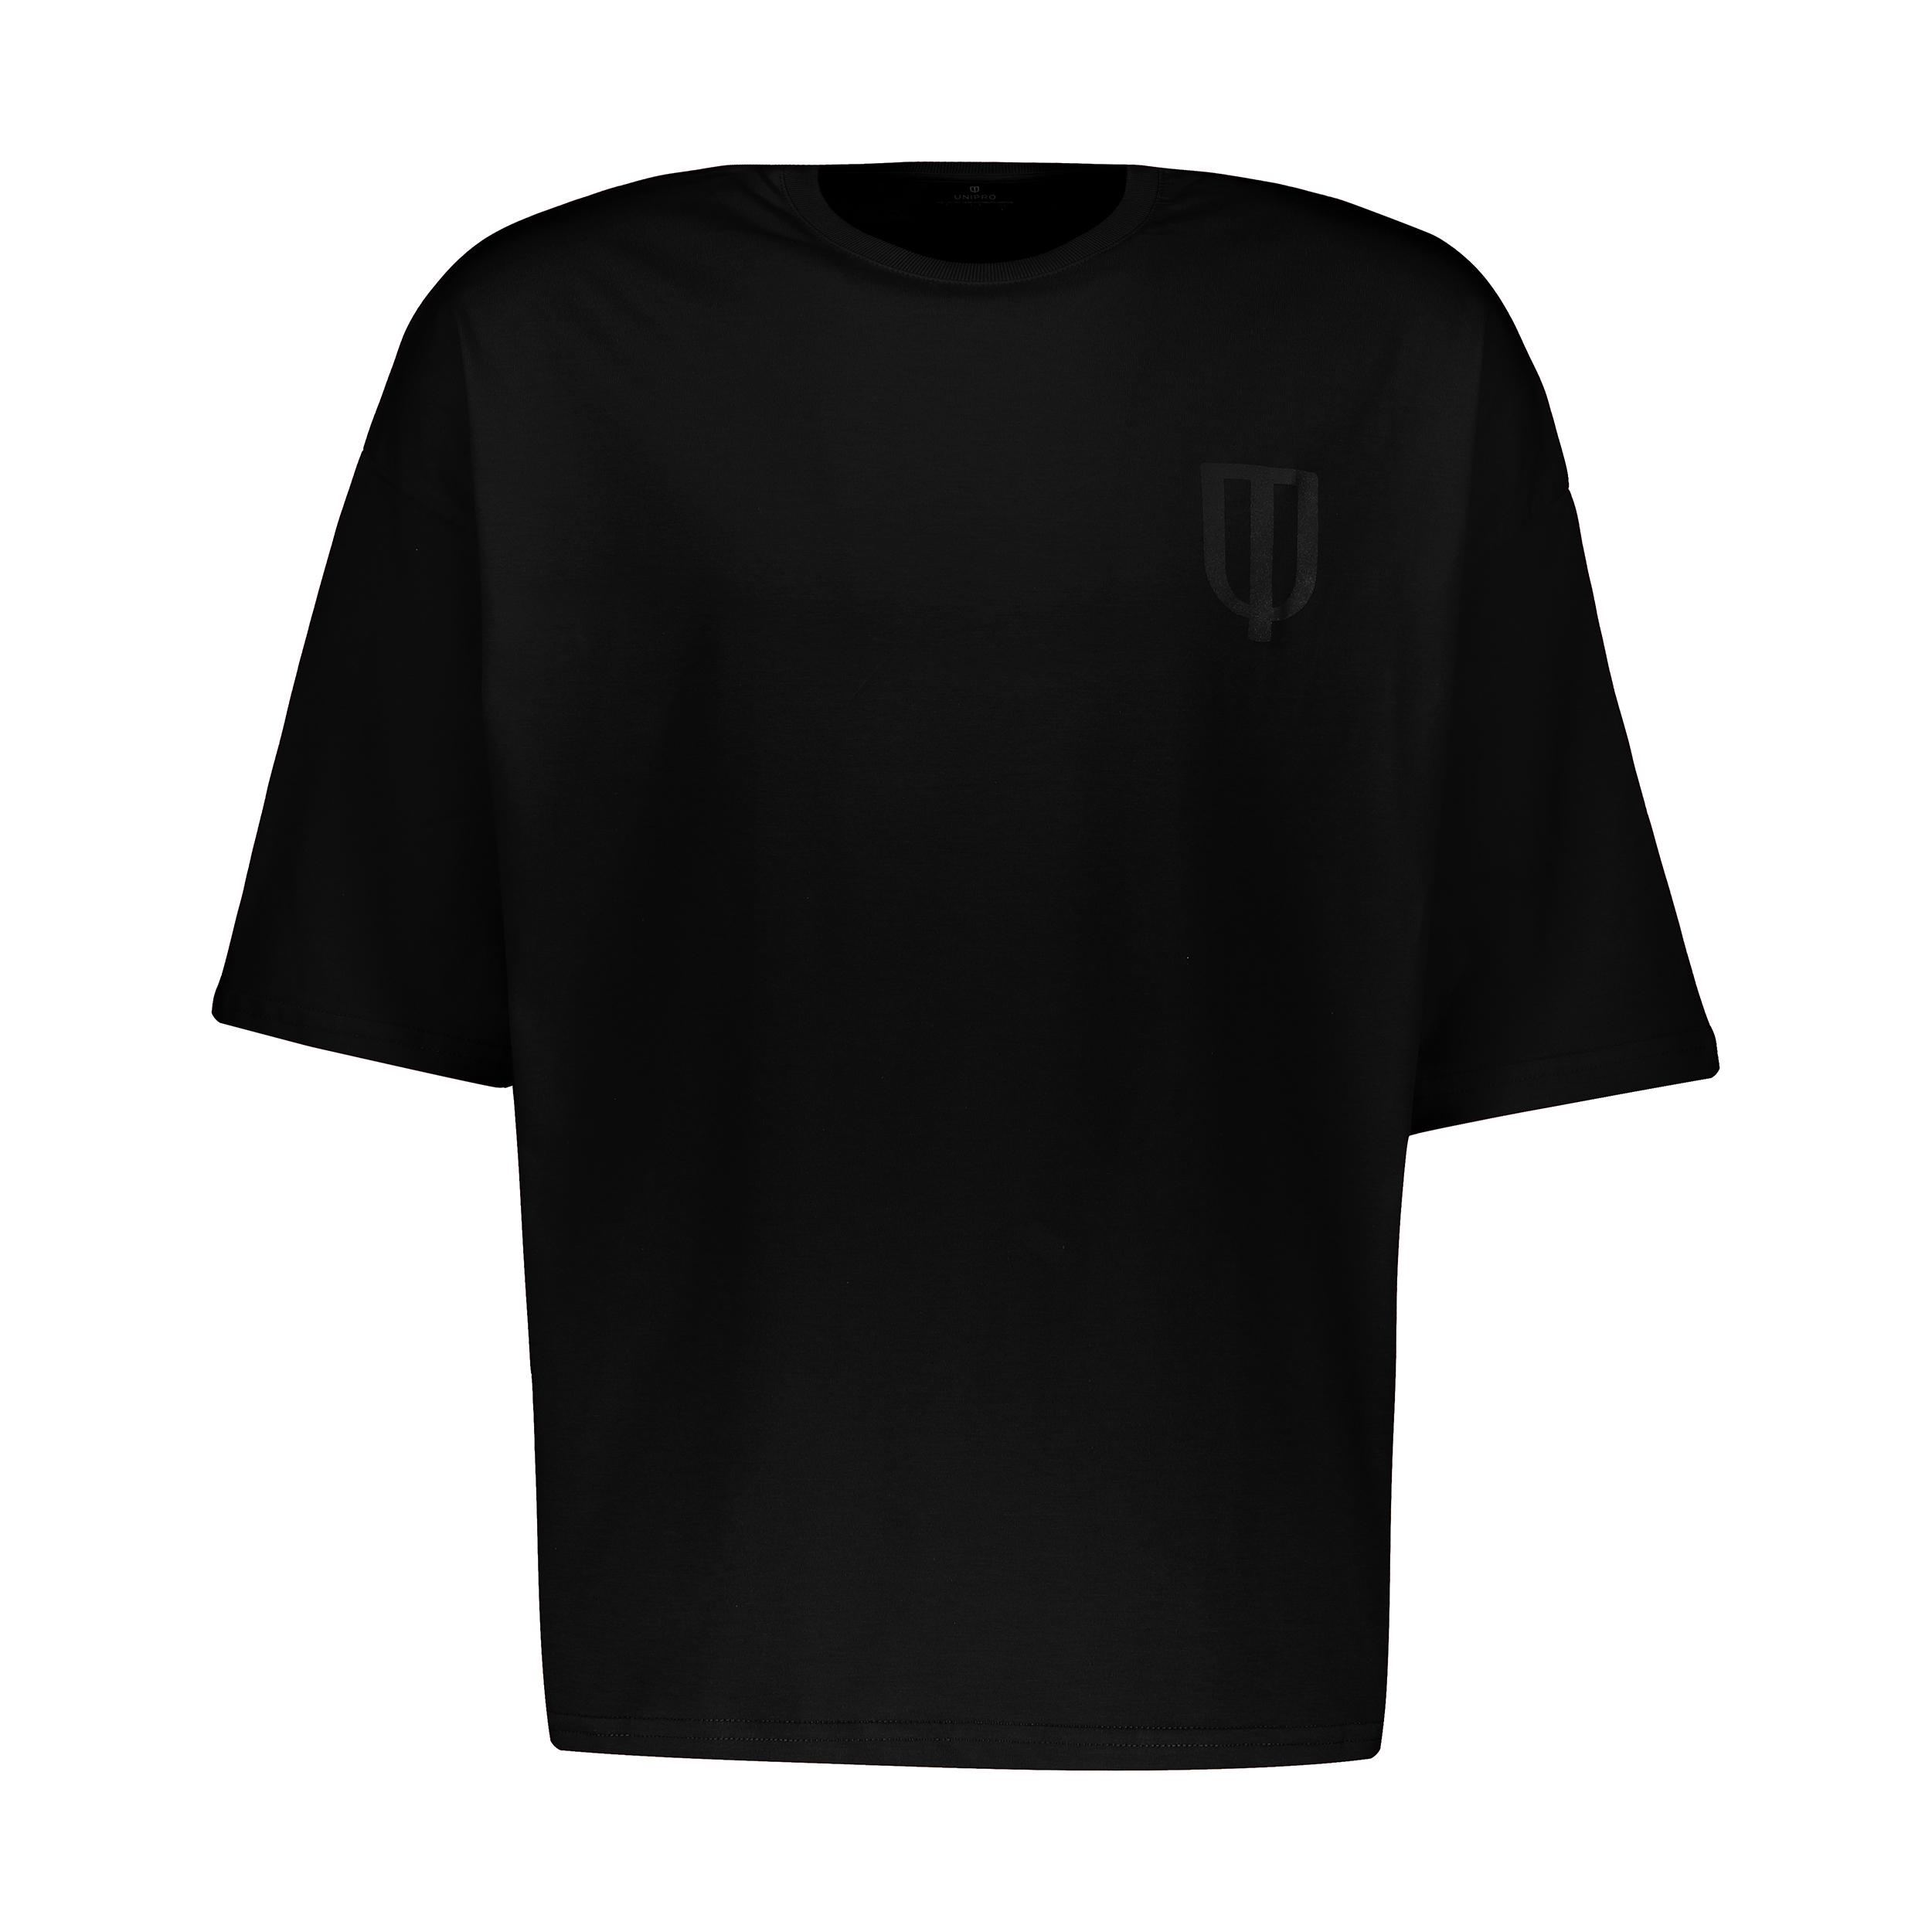 تی شرت ورزشی مردانه یونی پرو مدل 911119301-95